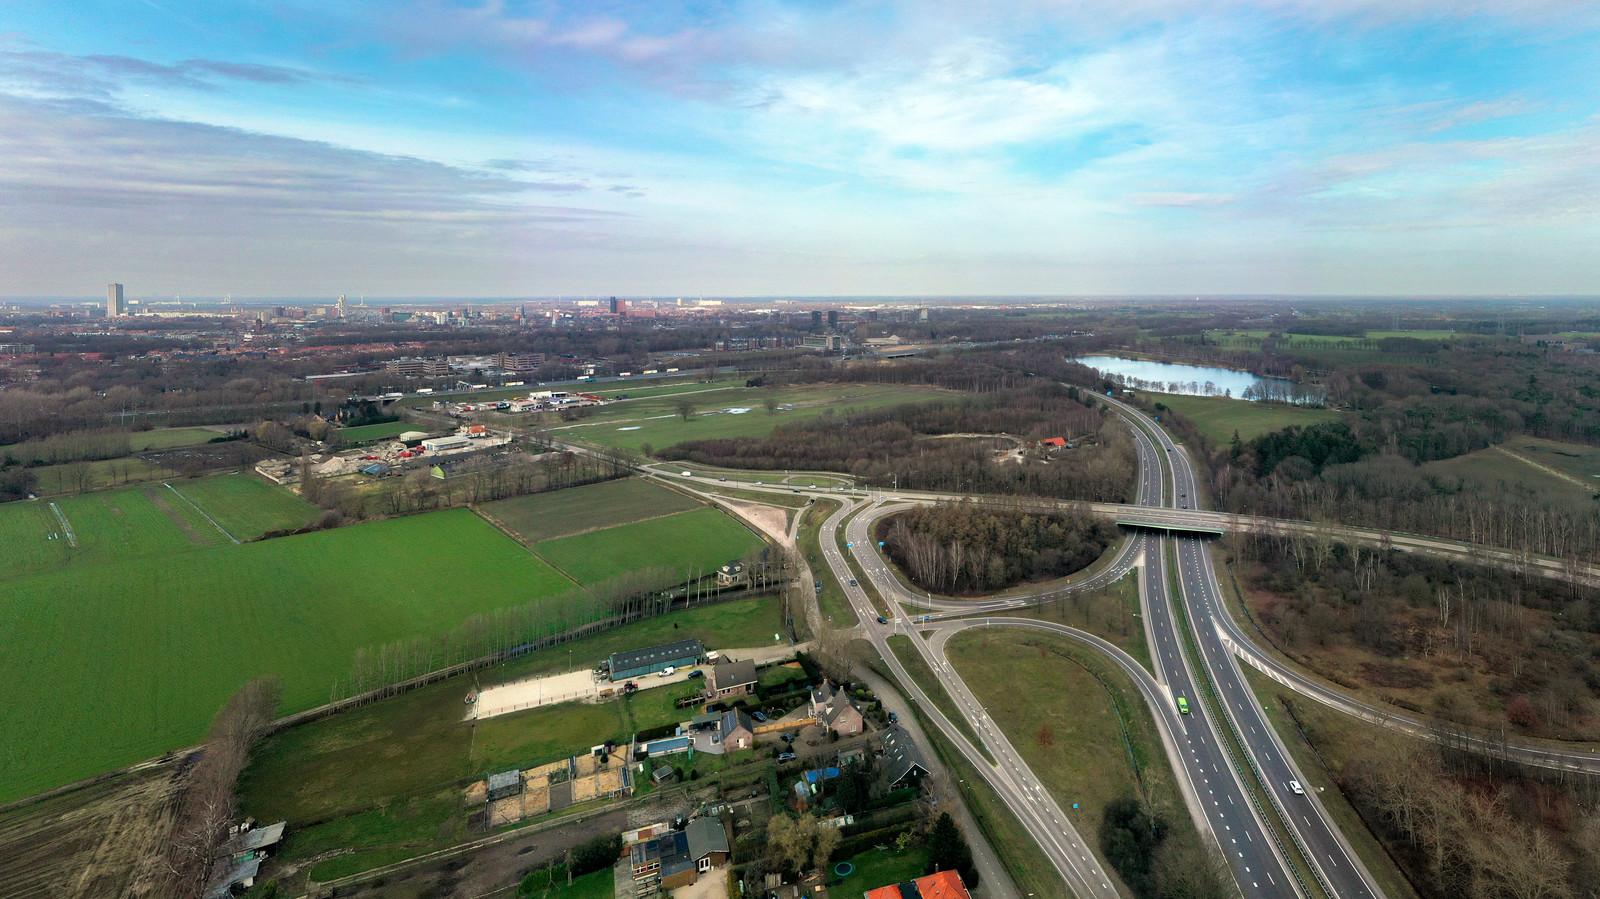 In de driehoek Ambrosiusweg Hilvarenbeek, Provinciale Weg N269 en de A58 moet een upcycle village komen.